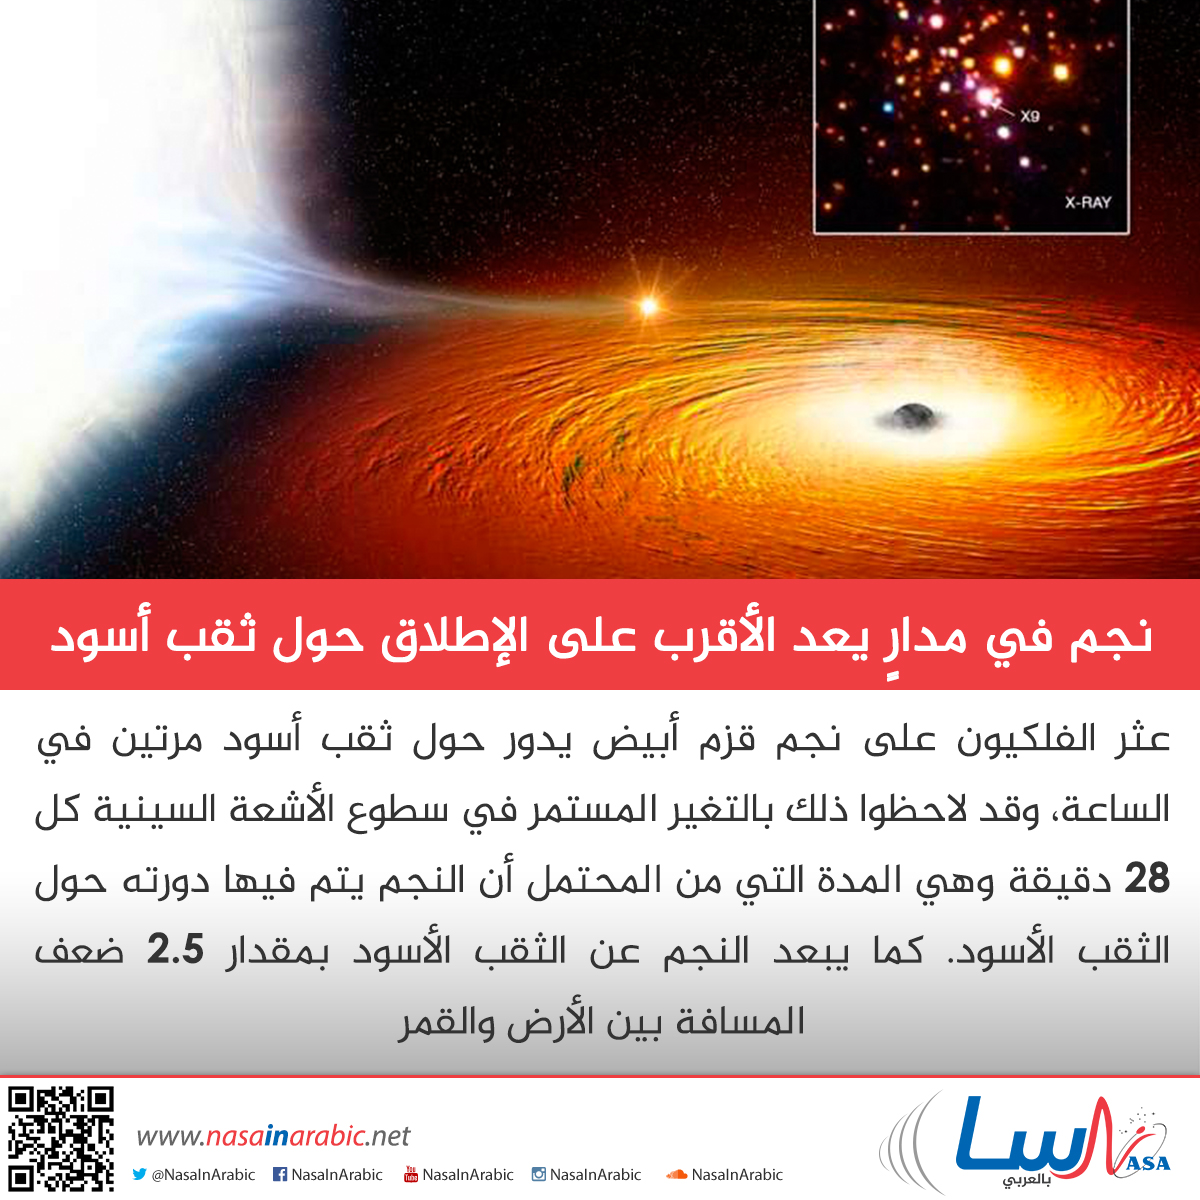 نجم في مدارٍ يعد الأقرب على الإطلاق حول ثقب أسود